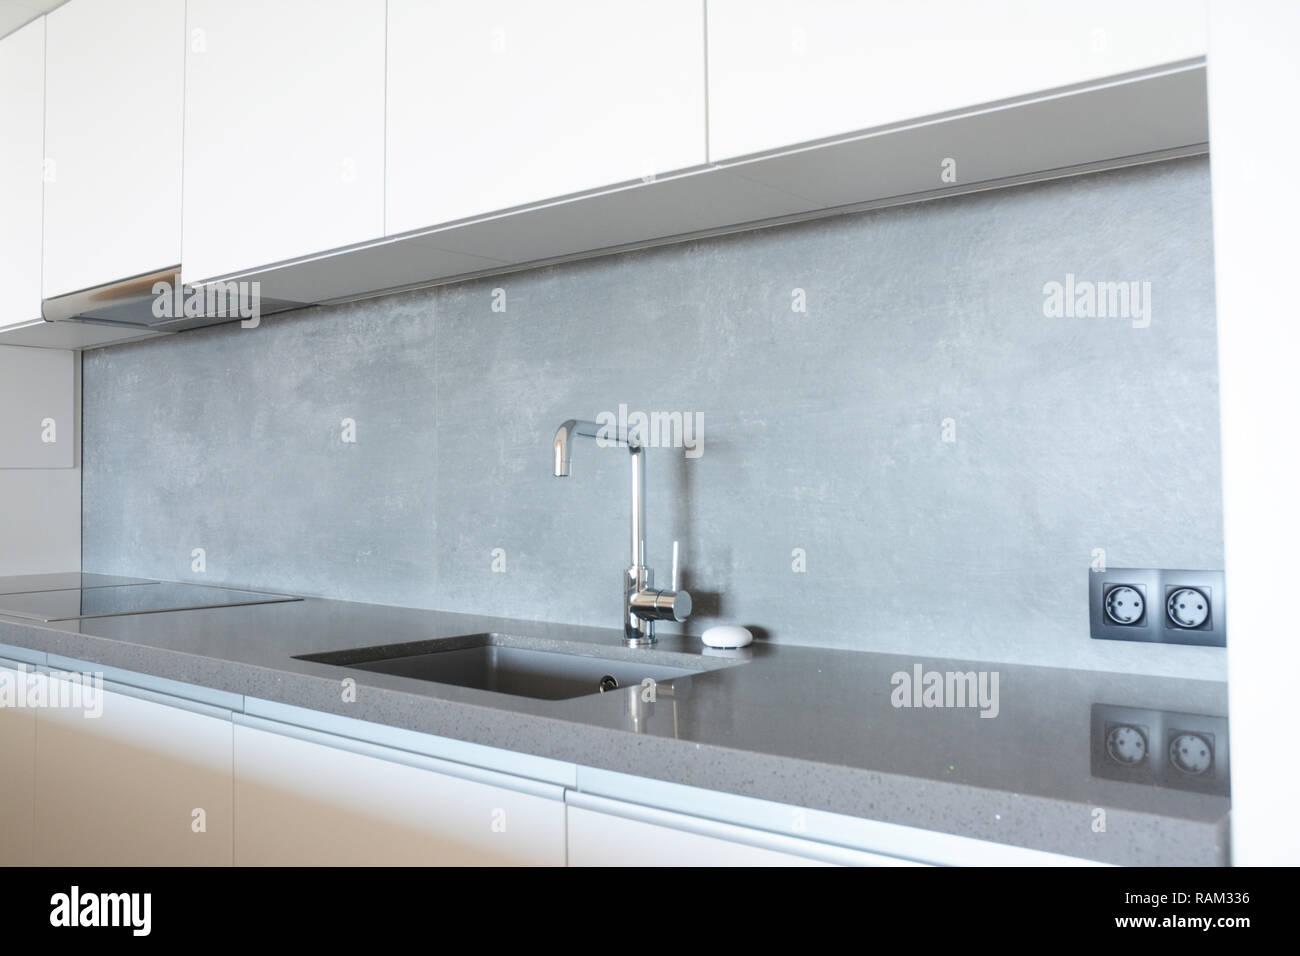 Moderne Küche mit Metall Hahn, Keramik Spüle, Herd, Küche ...